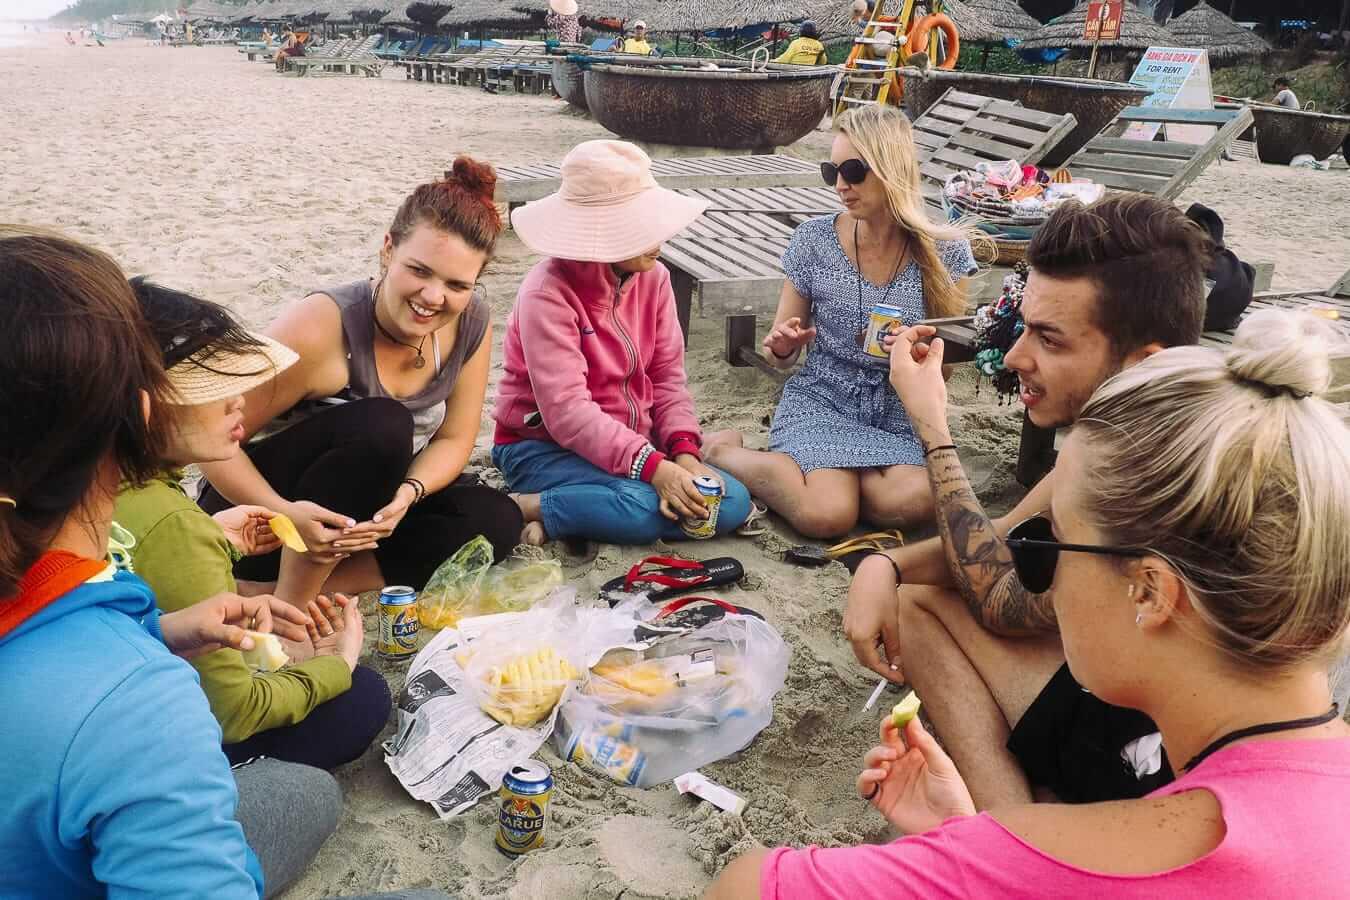 Tourist group: Hoi An's beaches